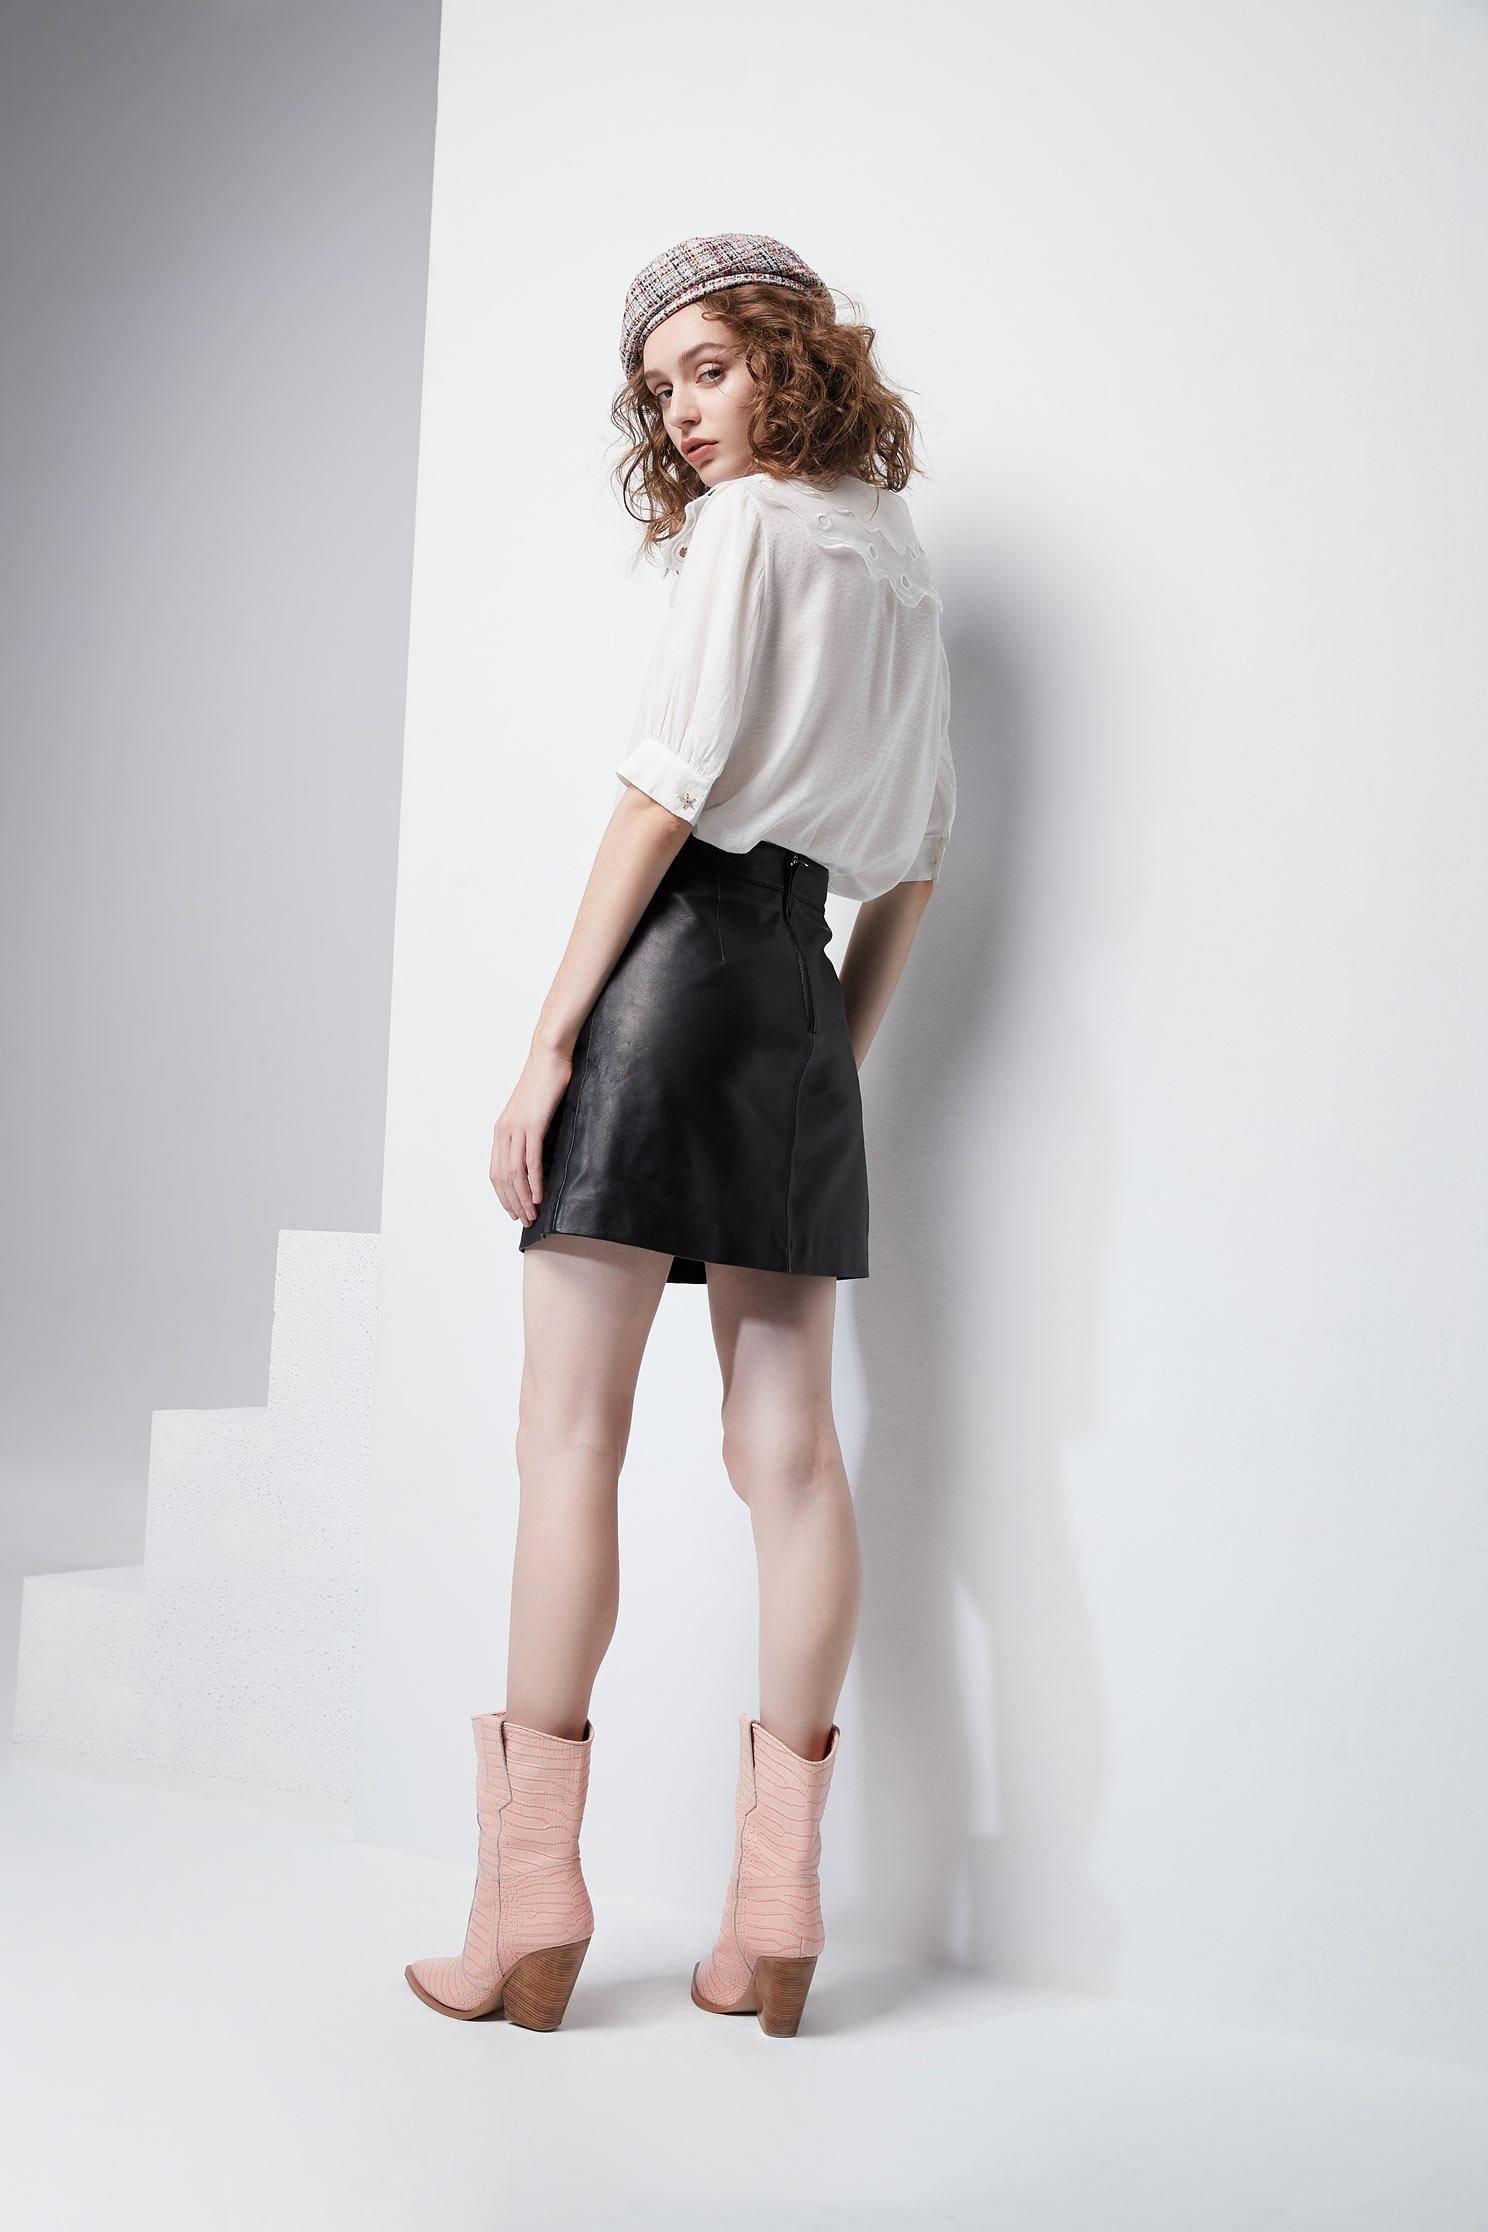 Clean cut modern skirt